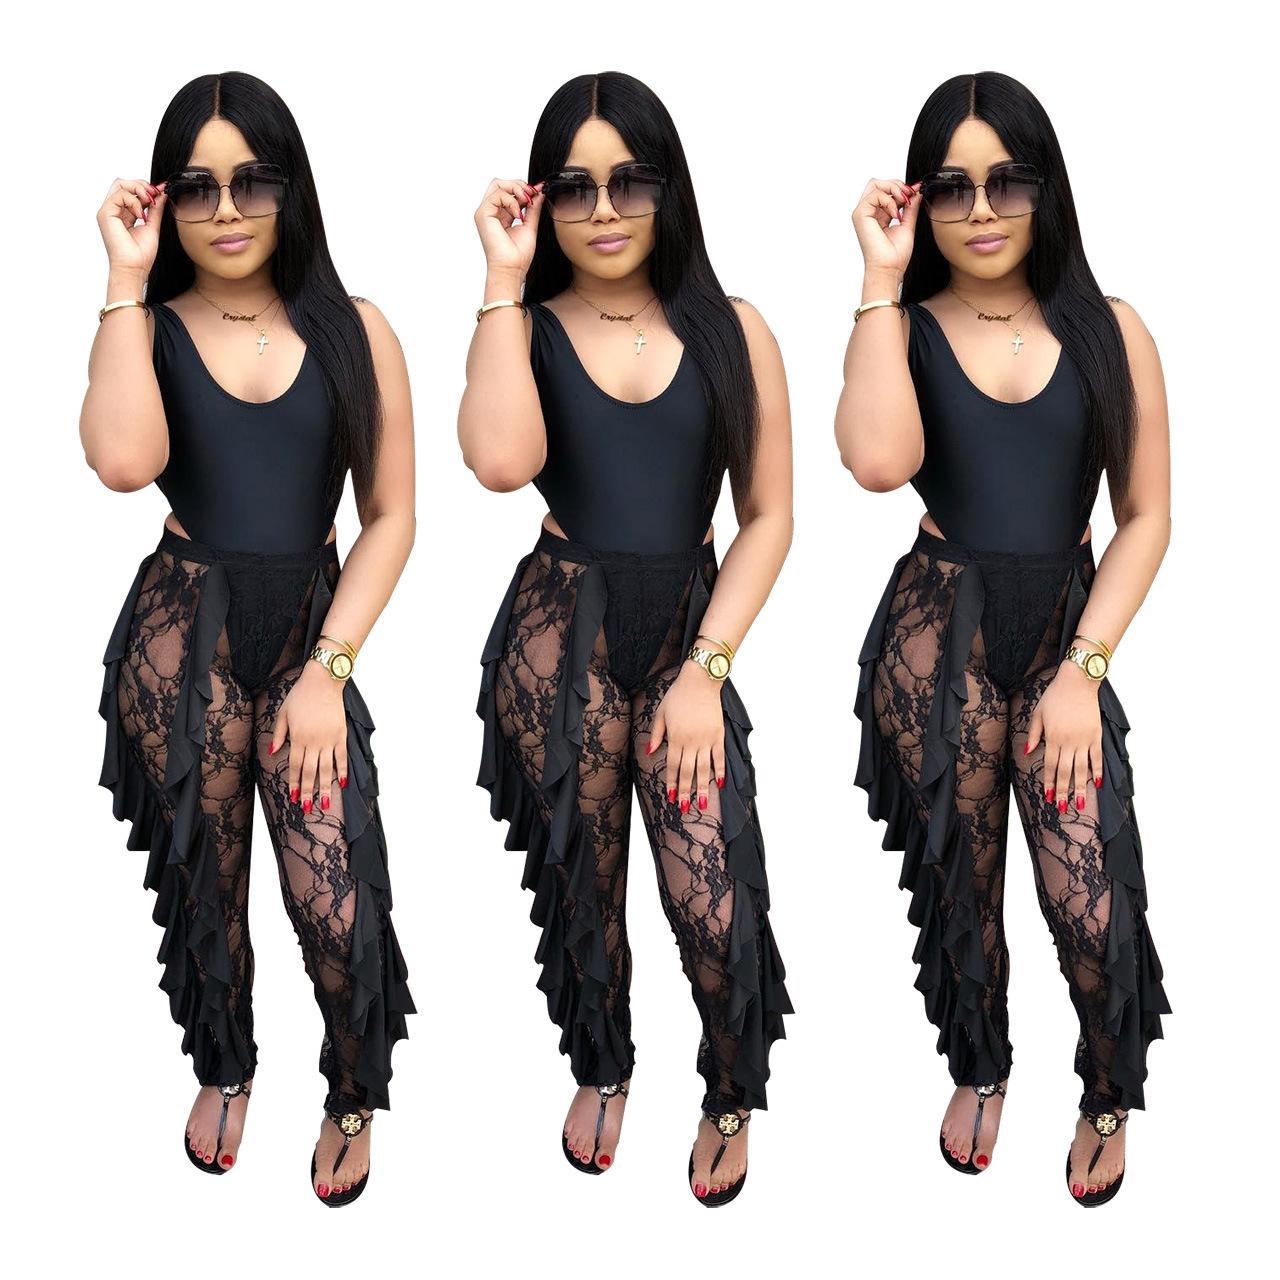 2019 Pantaloni da donna estivi Lunghi in prospettiva neri Pantaloni attillati da donna per abbigliamento da donna Pantaloni attillati Pizzo sexy Capris S-XL